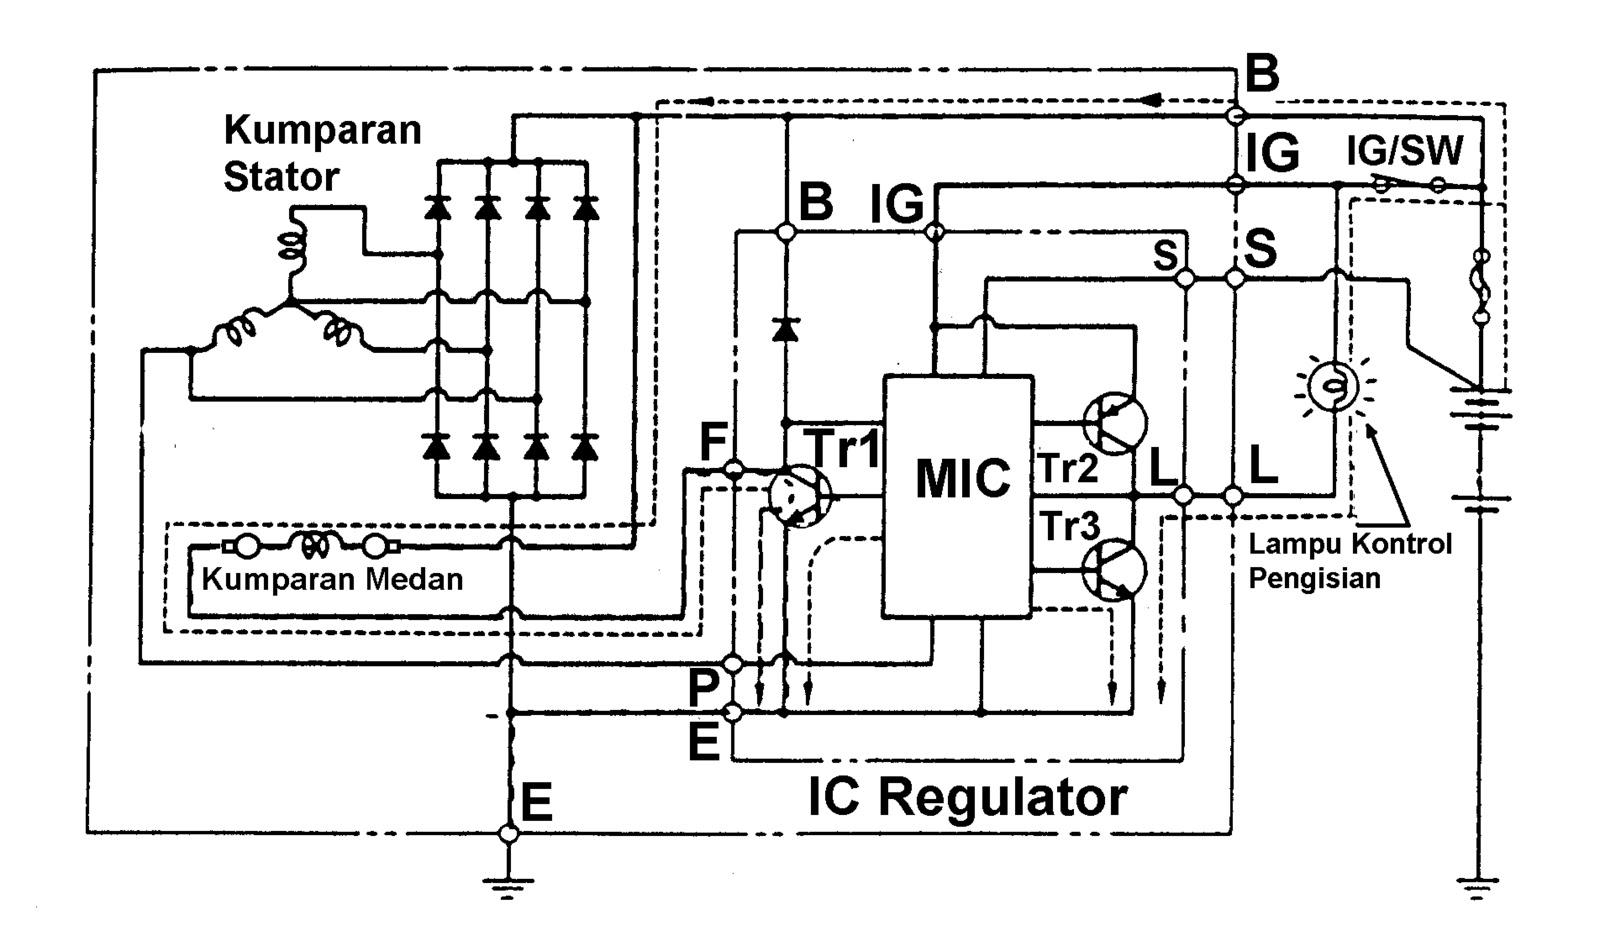 M maulana syahputra sistem pengisian gambar 2 diagram rangkaian sistem pengisian ccuart Gallery